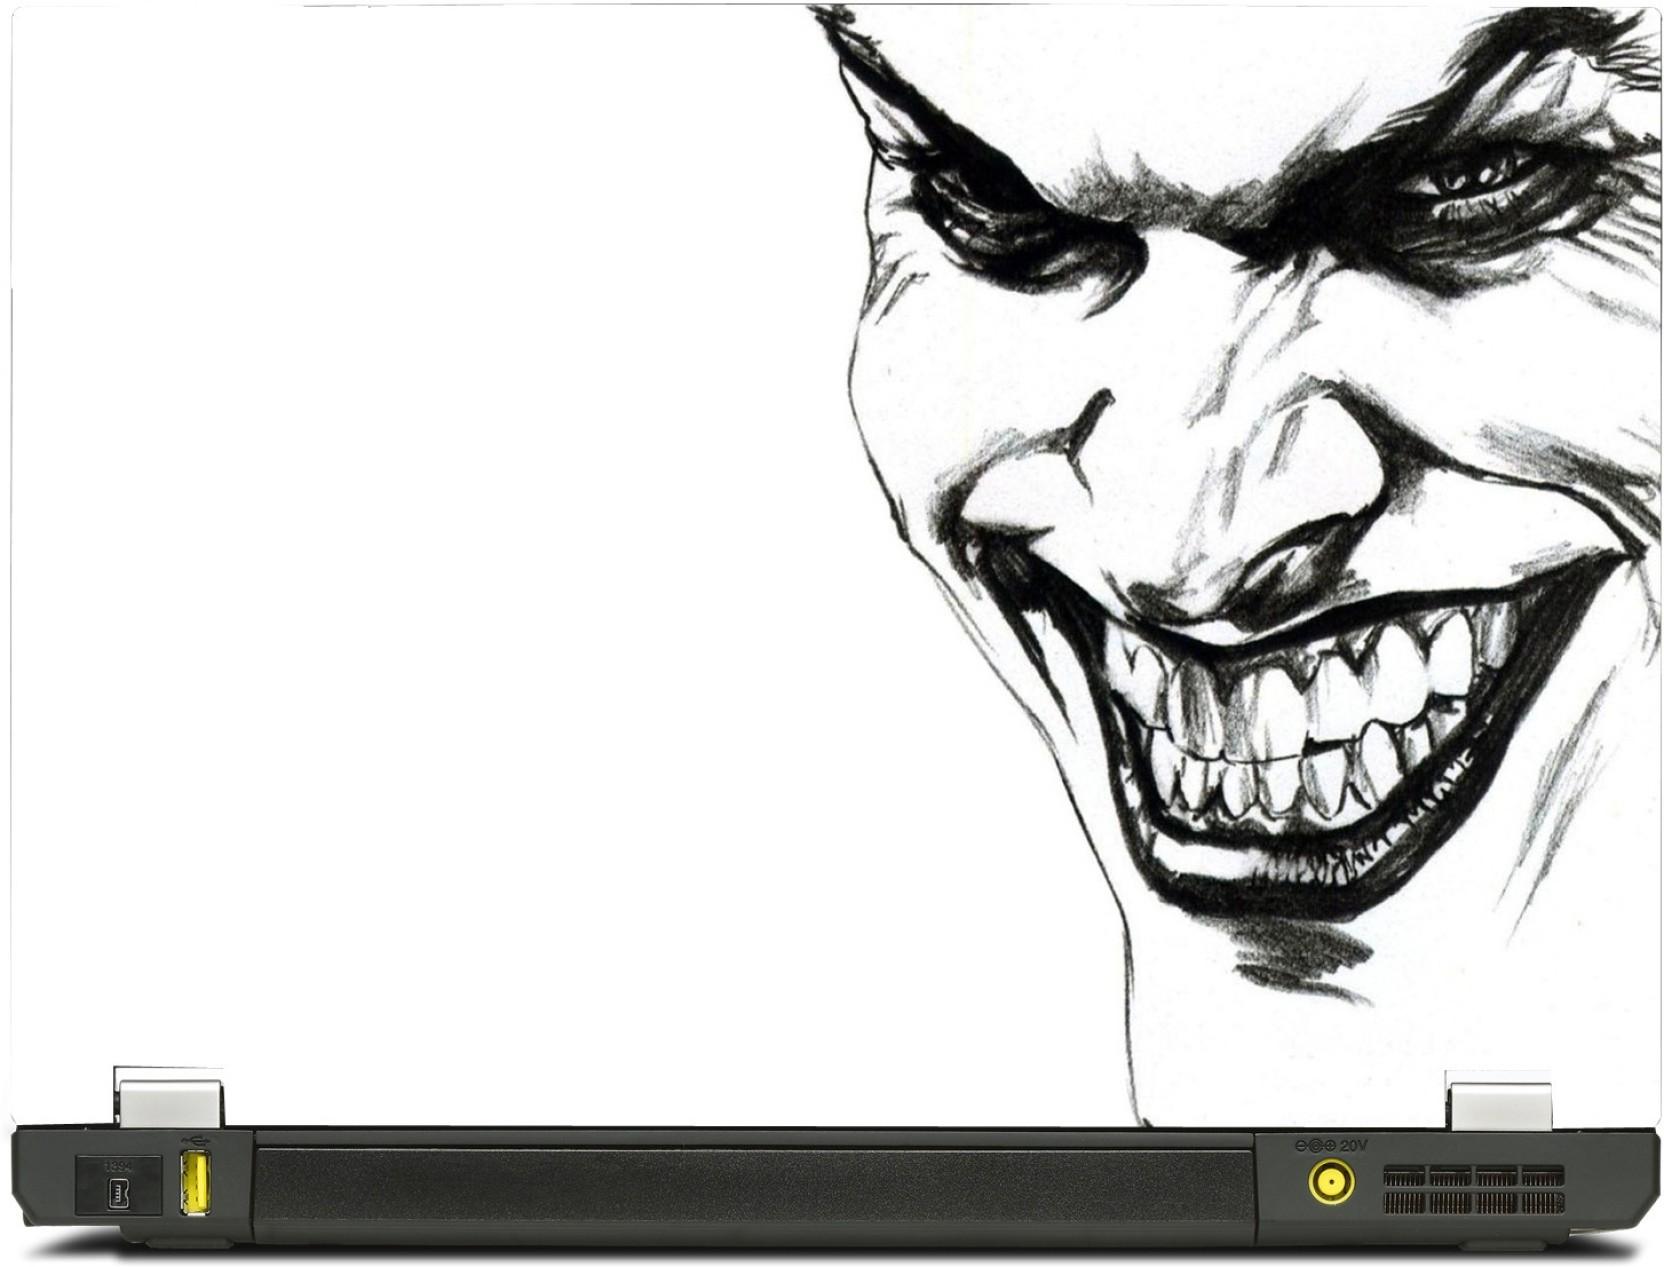 Skinkart Joker Face Sketch Vinyl Laptop Decal 101 Price In India